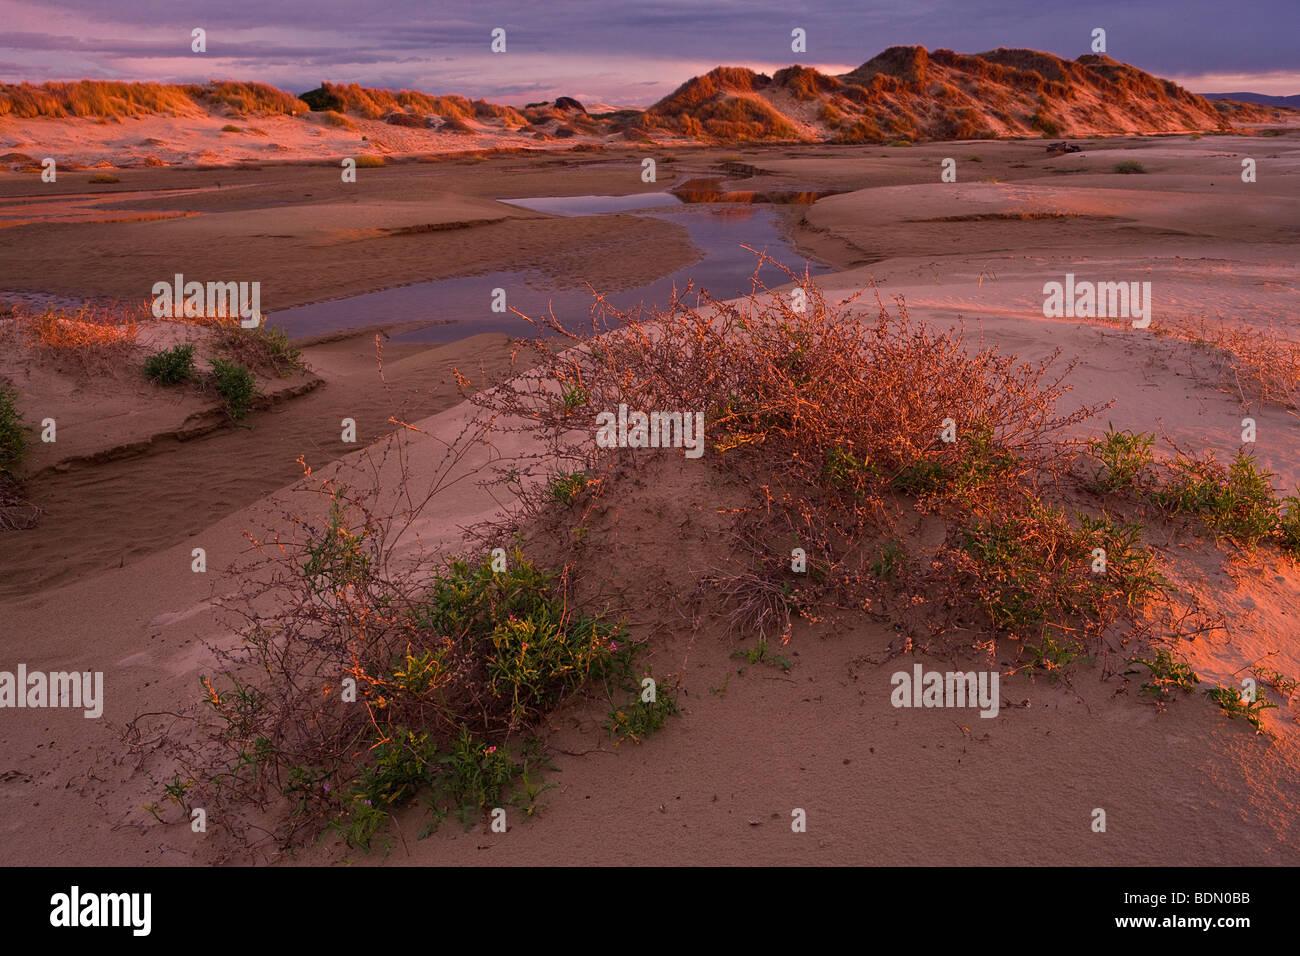 Le luci del tramonto bagna l Oceano dune a Pismo State Beach, California, Stati Uniti d'America. Immagini Stock